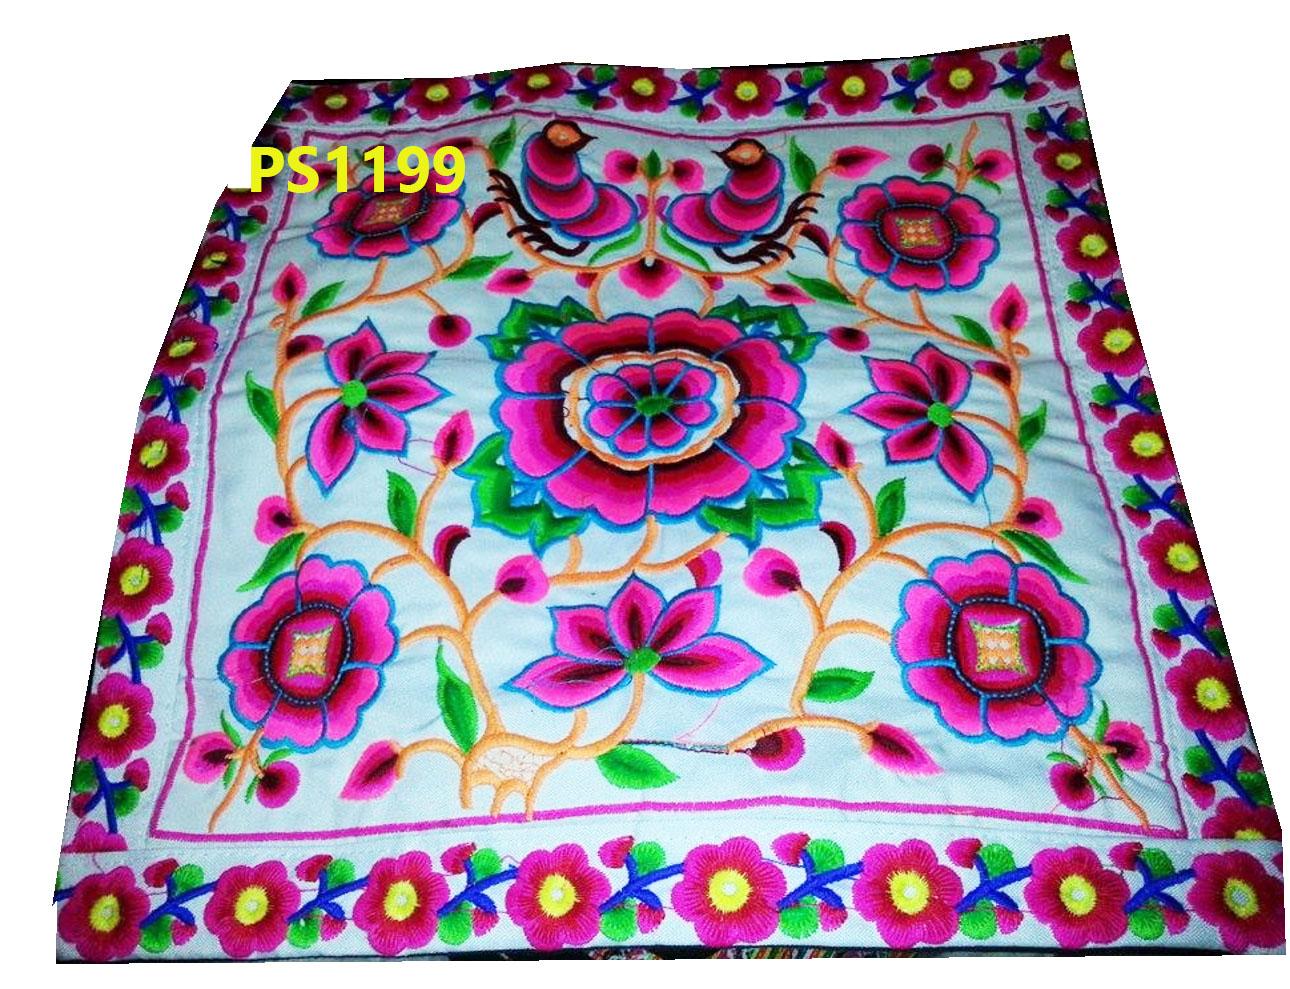 Cushion Cover 1199